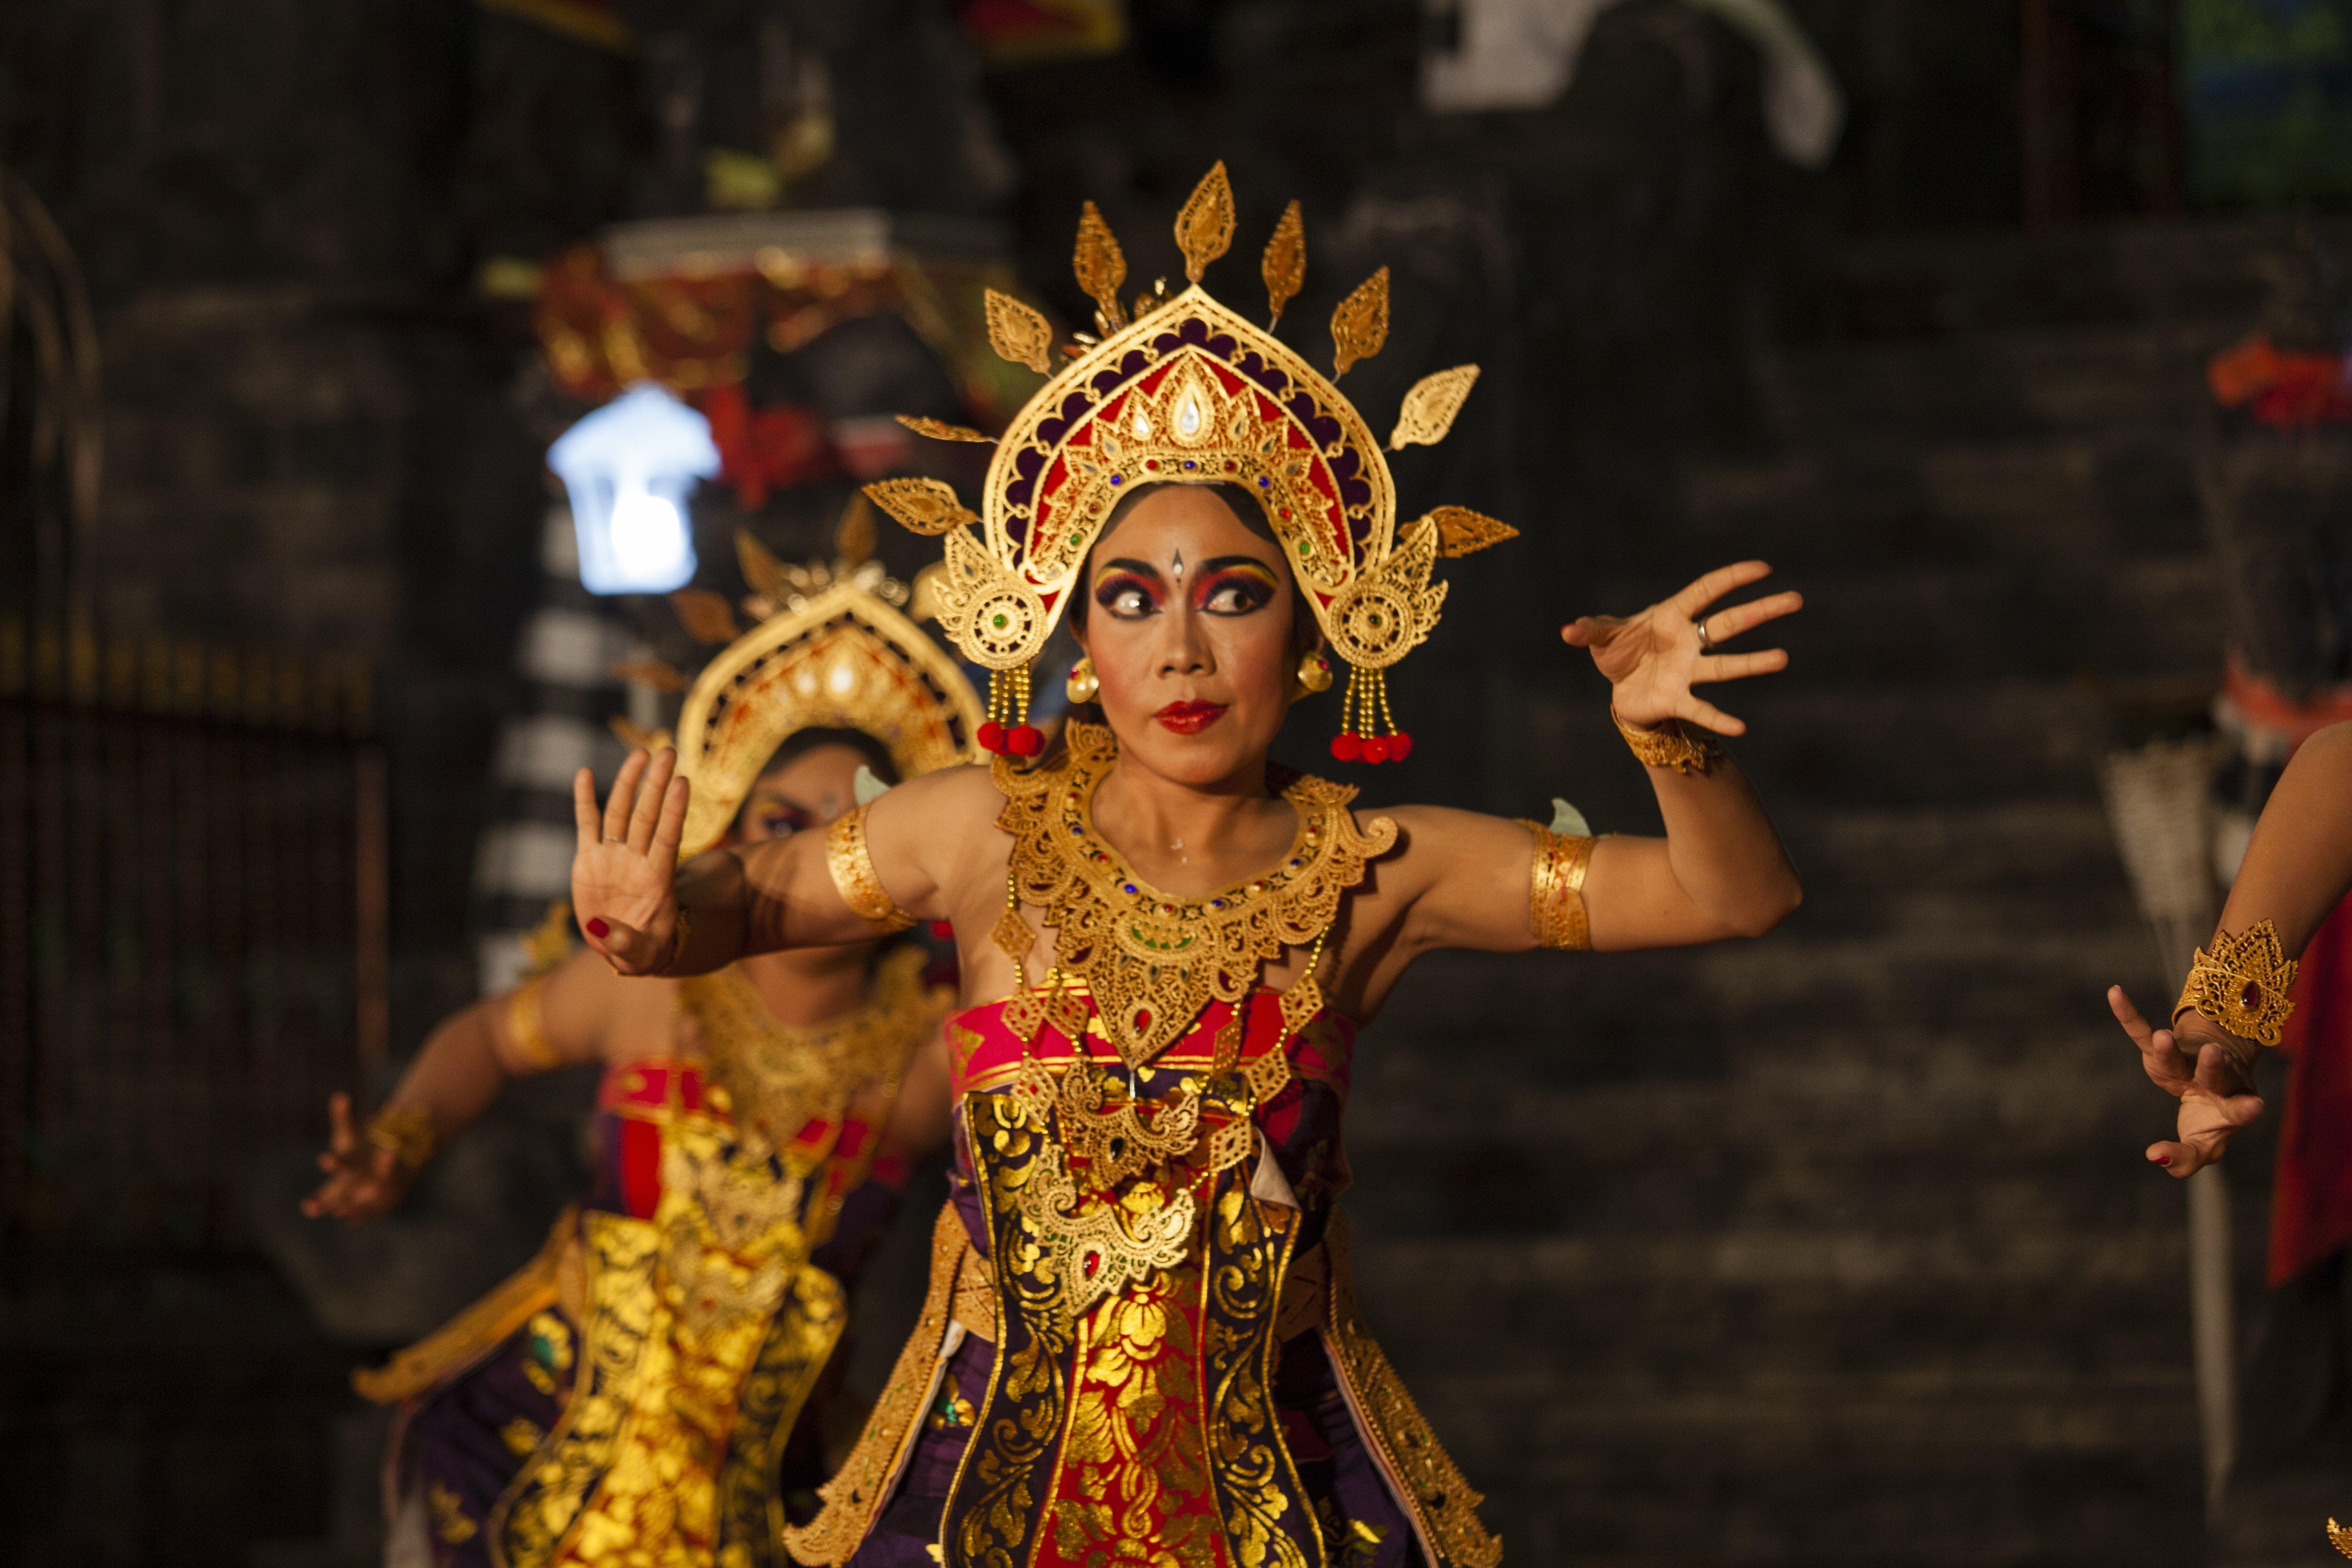 Danzatrice Balinese durante una danza tradizionale a Bali